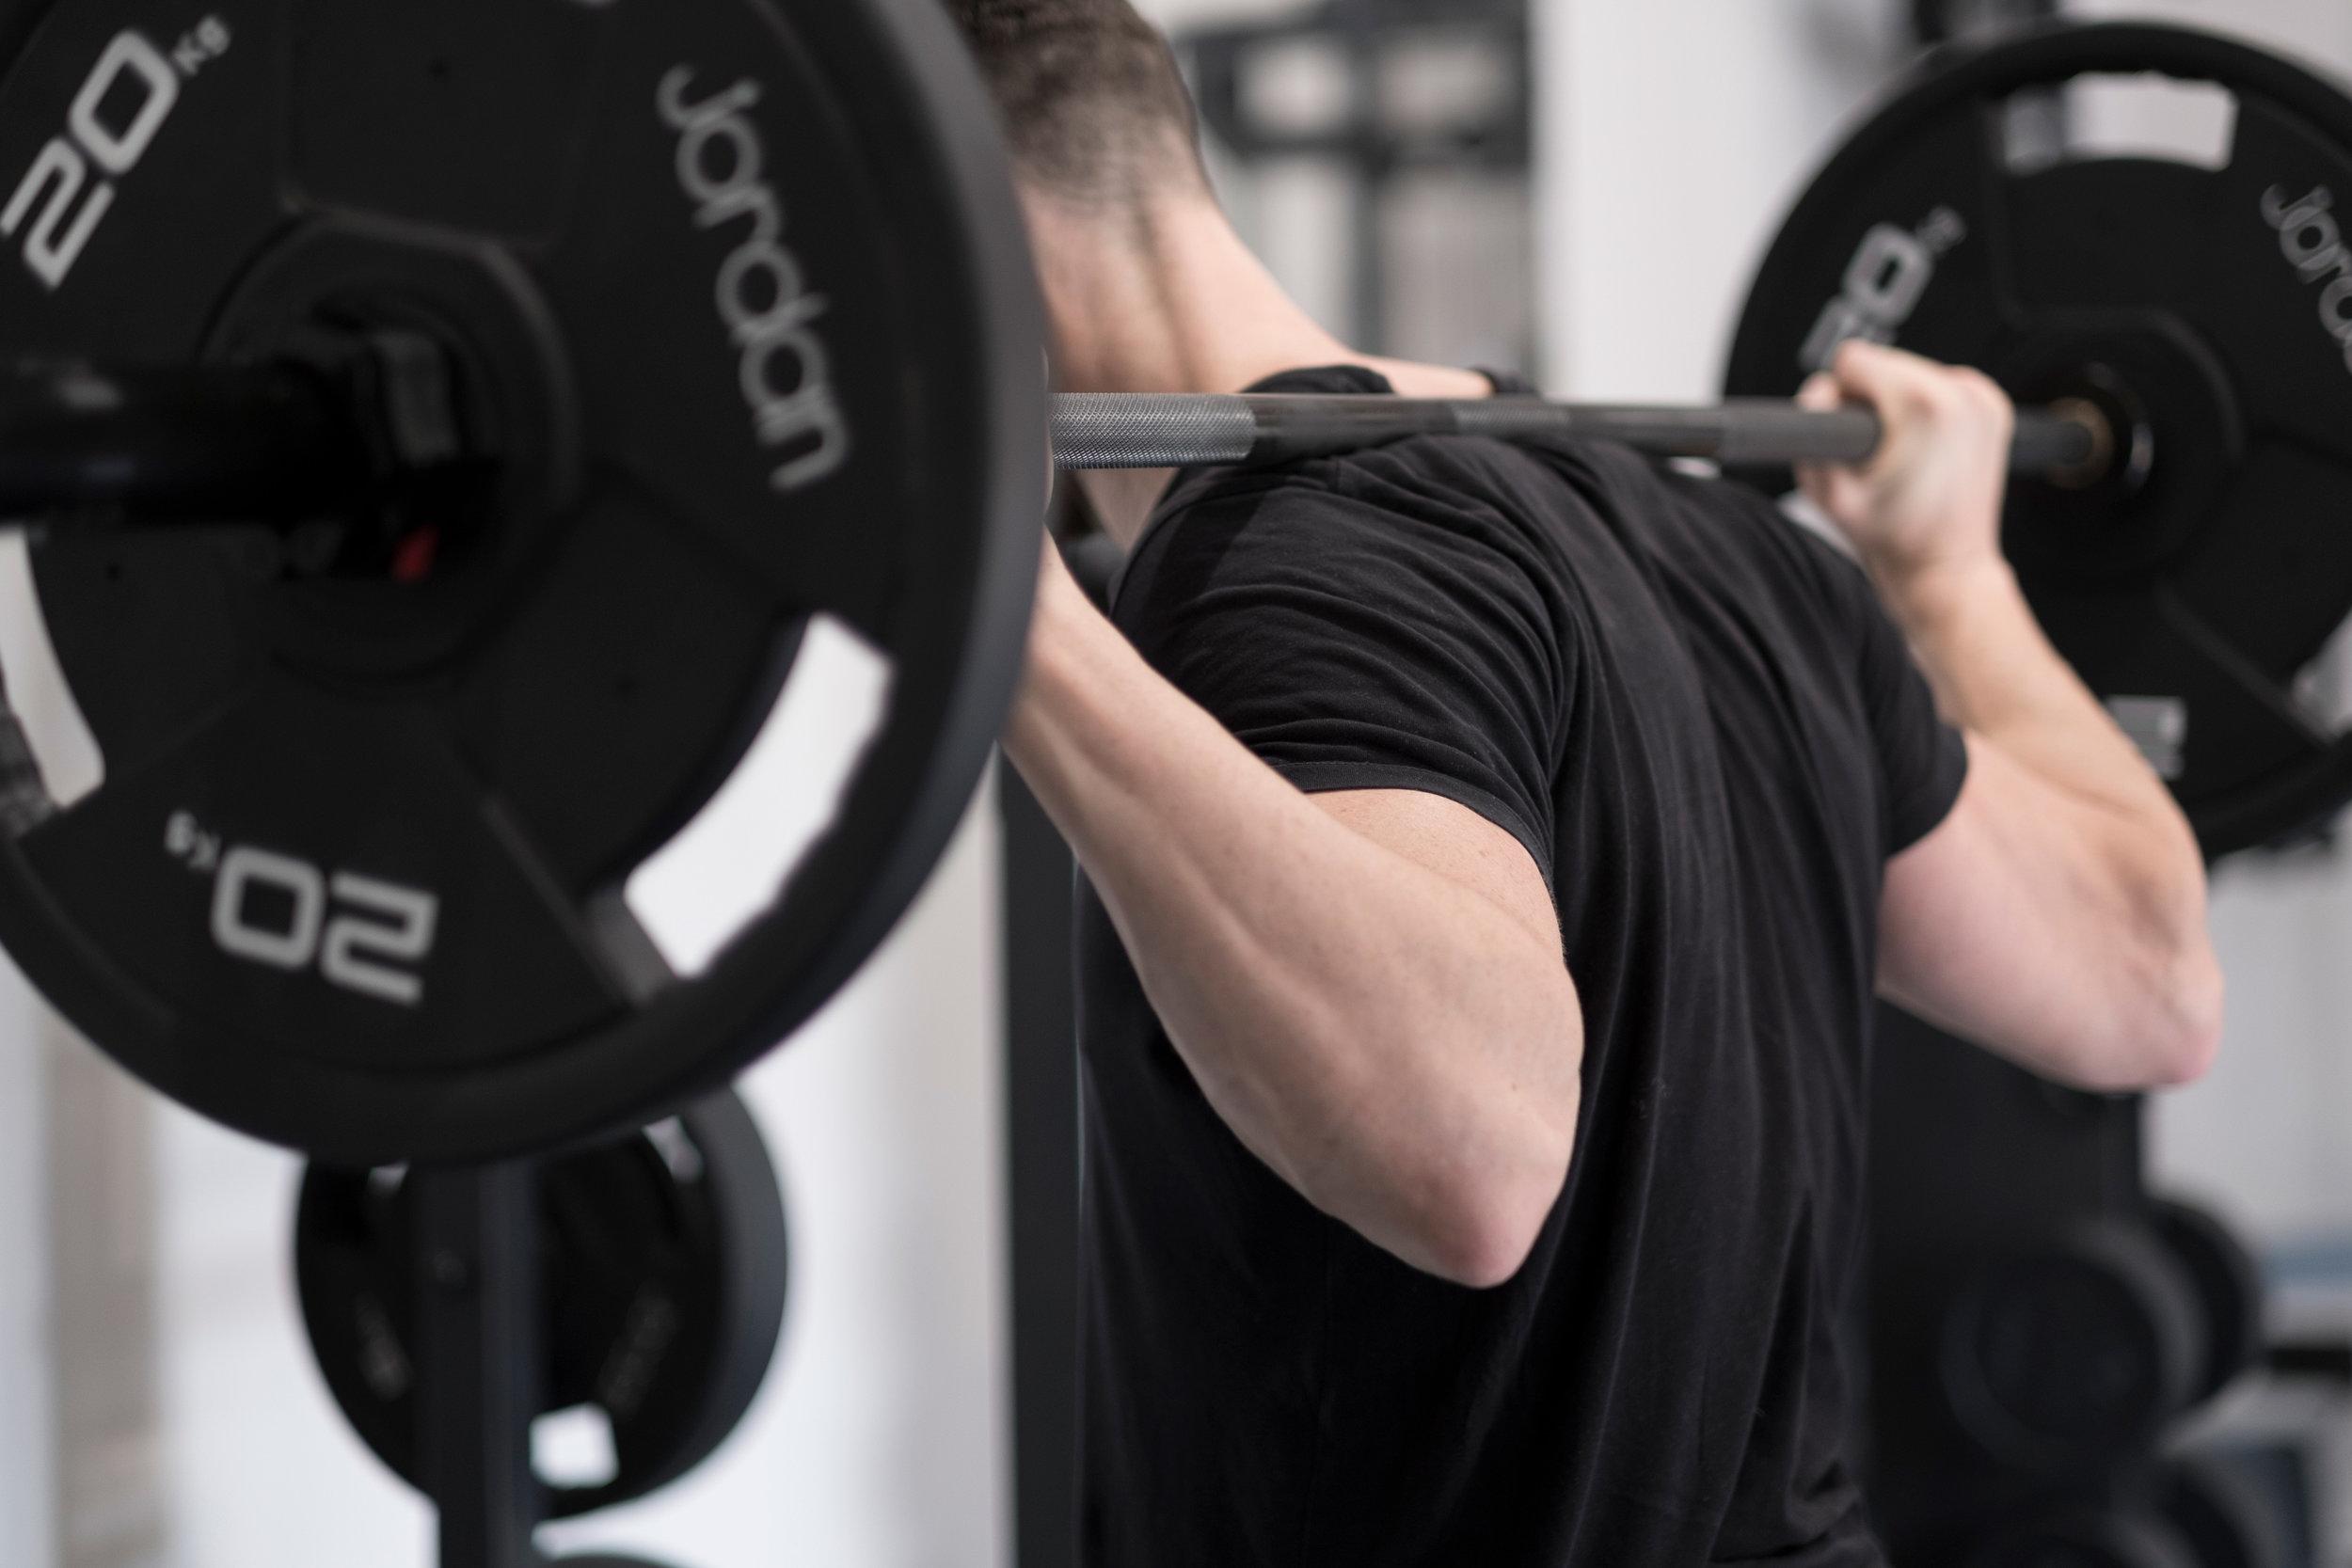 Fiona-Burrage-Gym-Weights-Photographer-Norwich.jpg